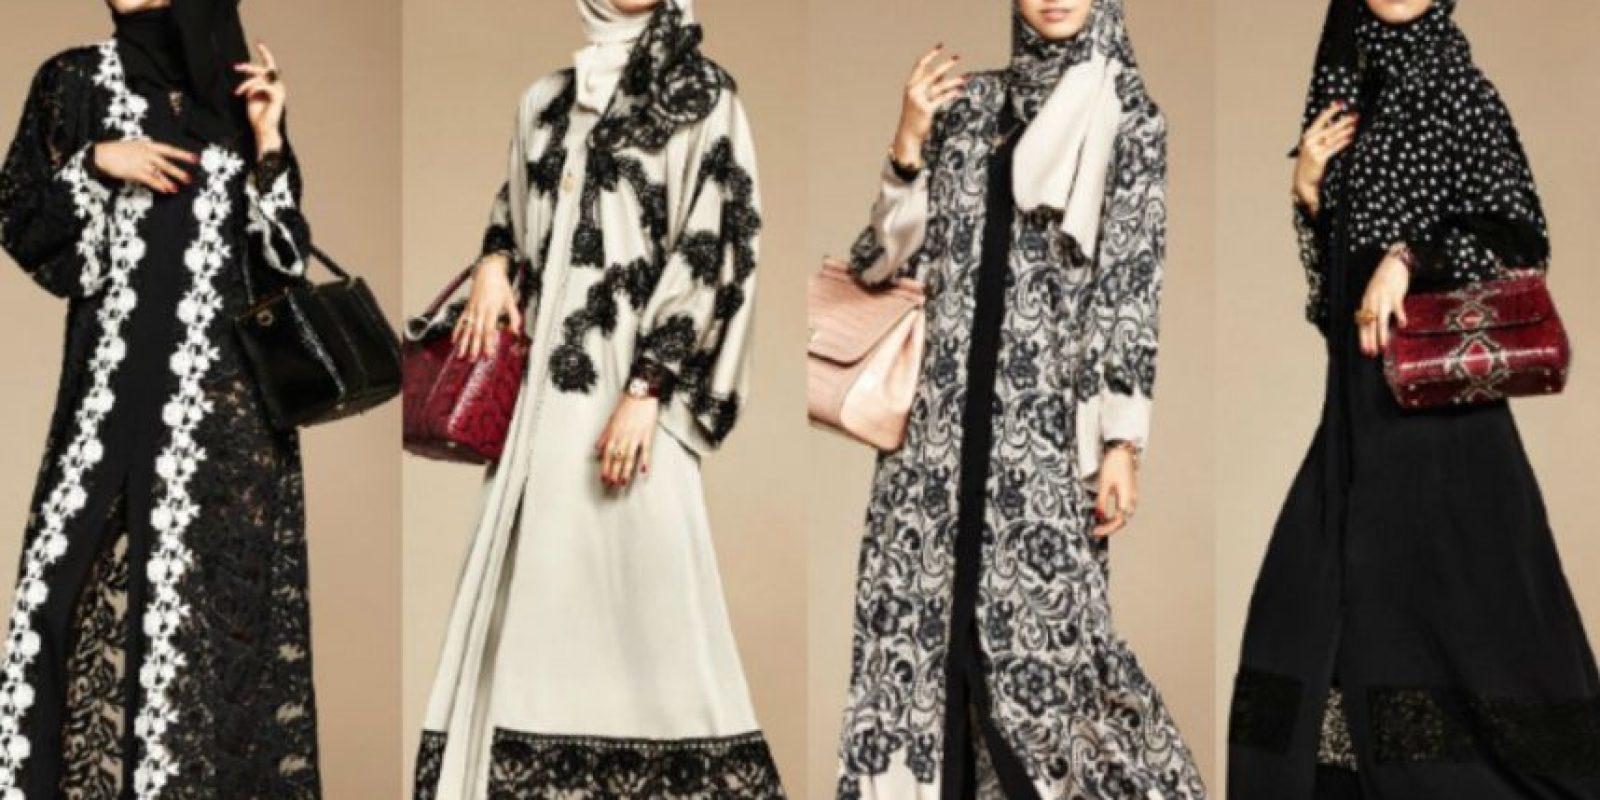 Las musulmanas son las mujeres que representan un mercado poderoso en la moda. Marcas como Dolce & Gabbana pensó en ellas. Foto:vía D y G. Imagen Por: